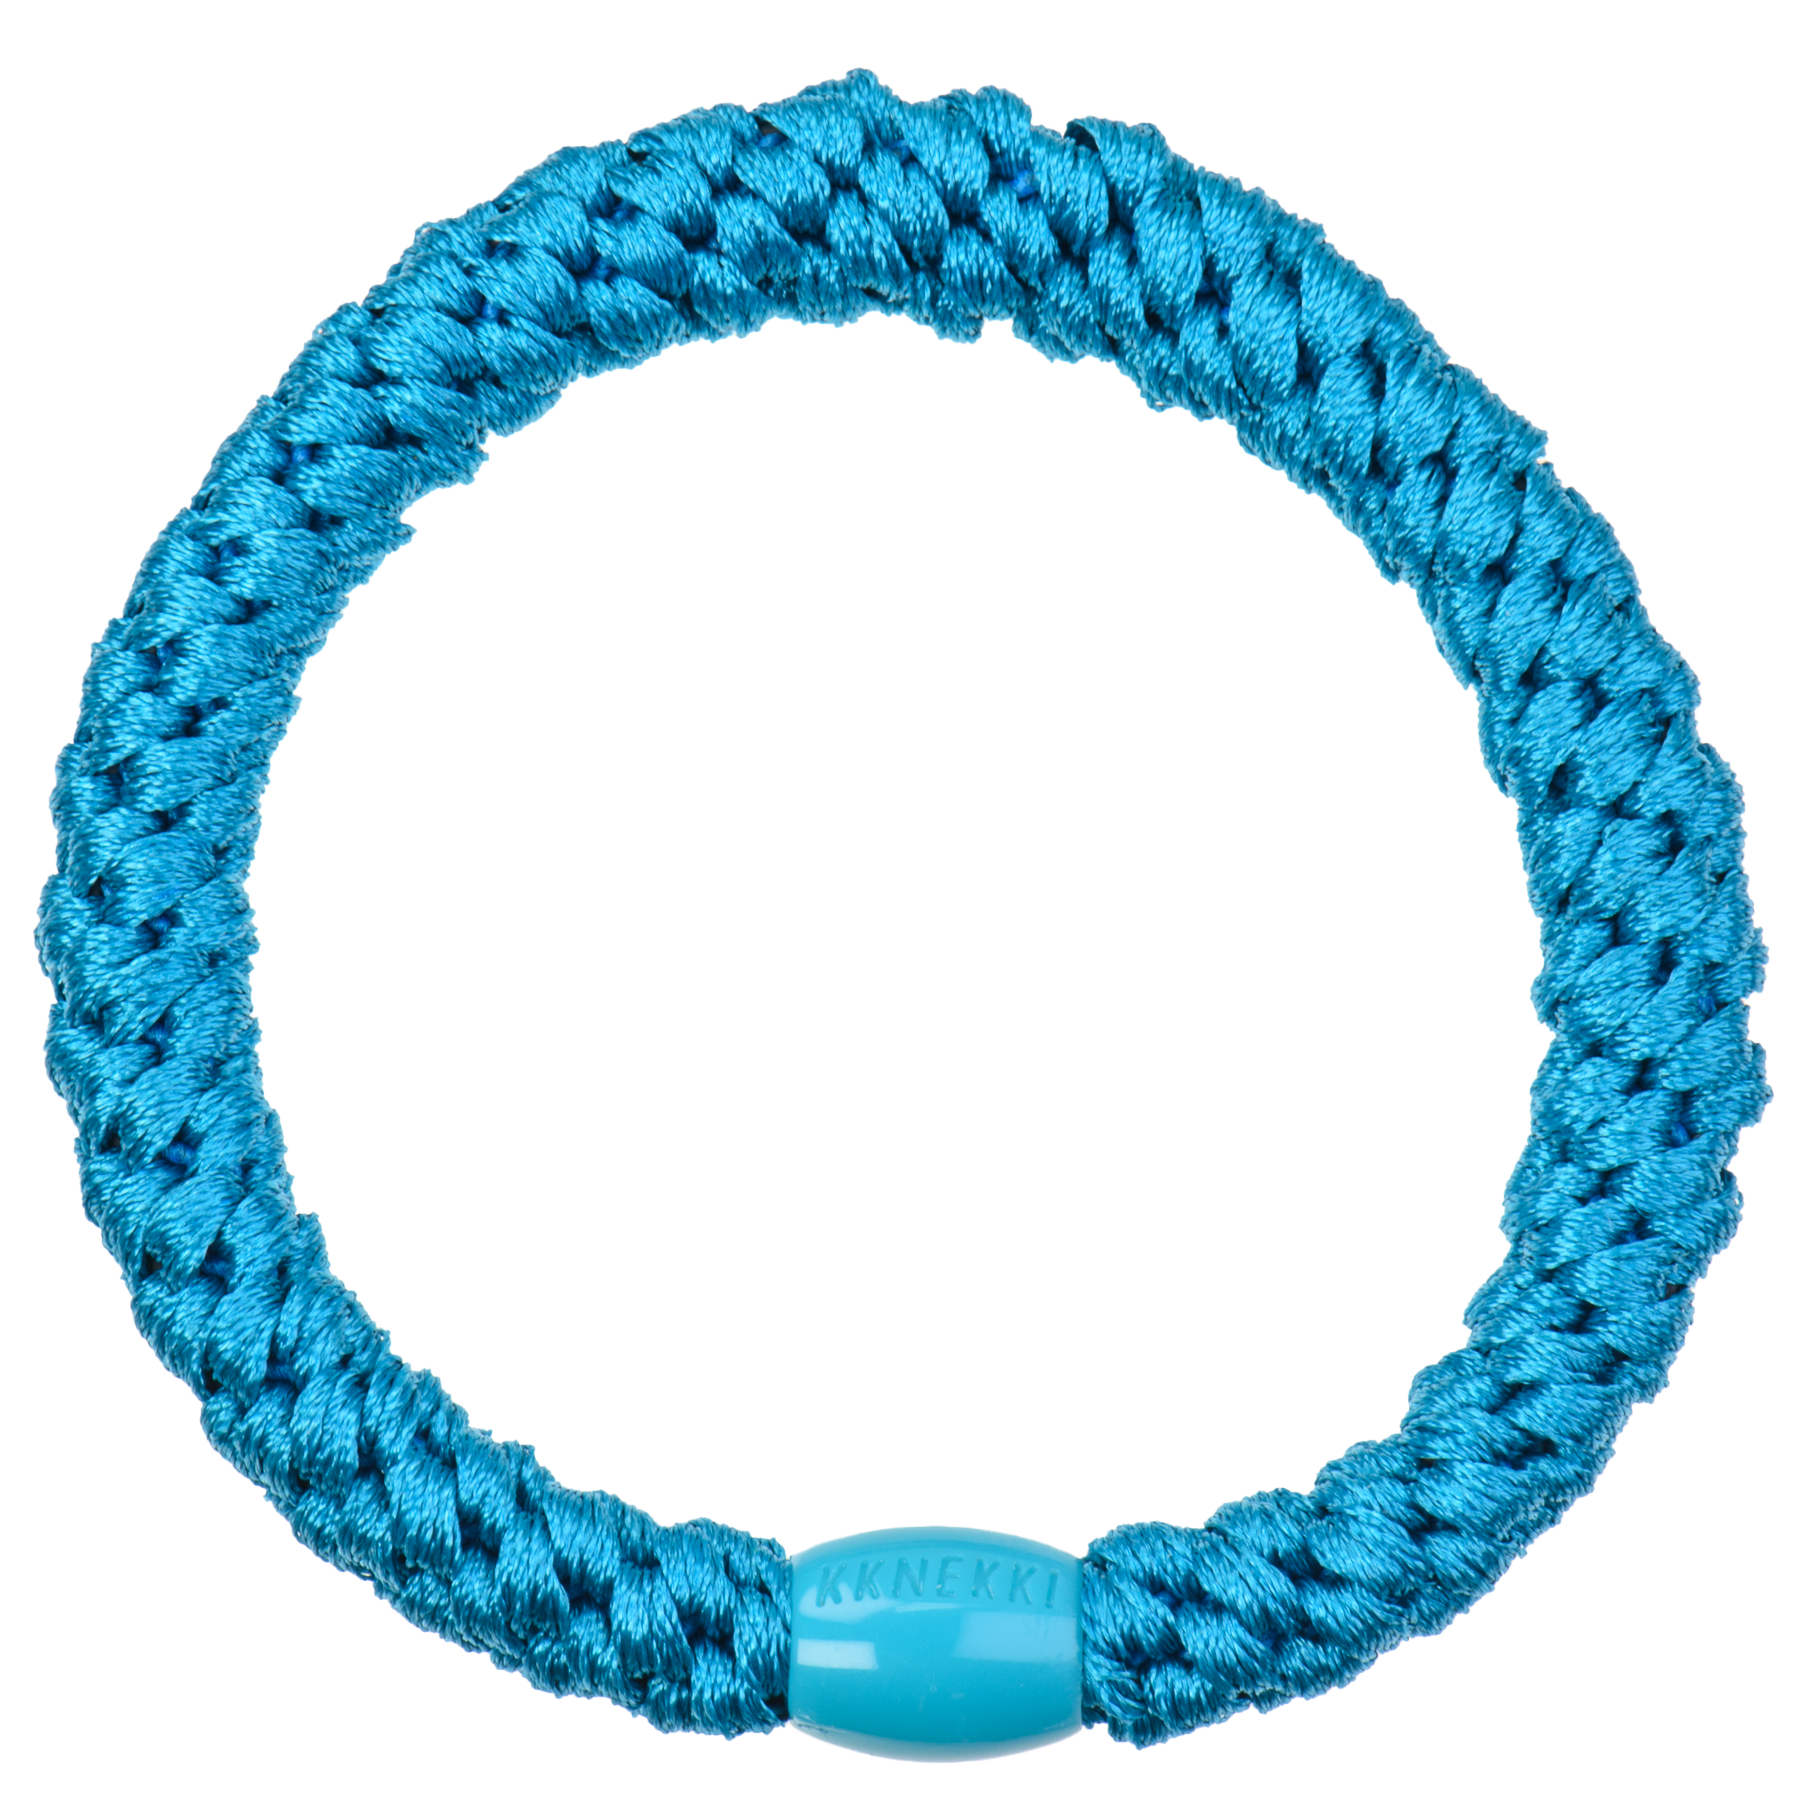 Haargummi / Armband - Petrol 16373 - KKNEKKI